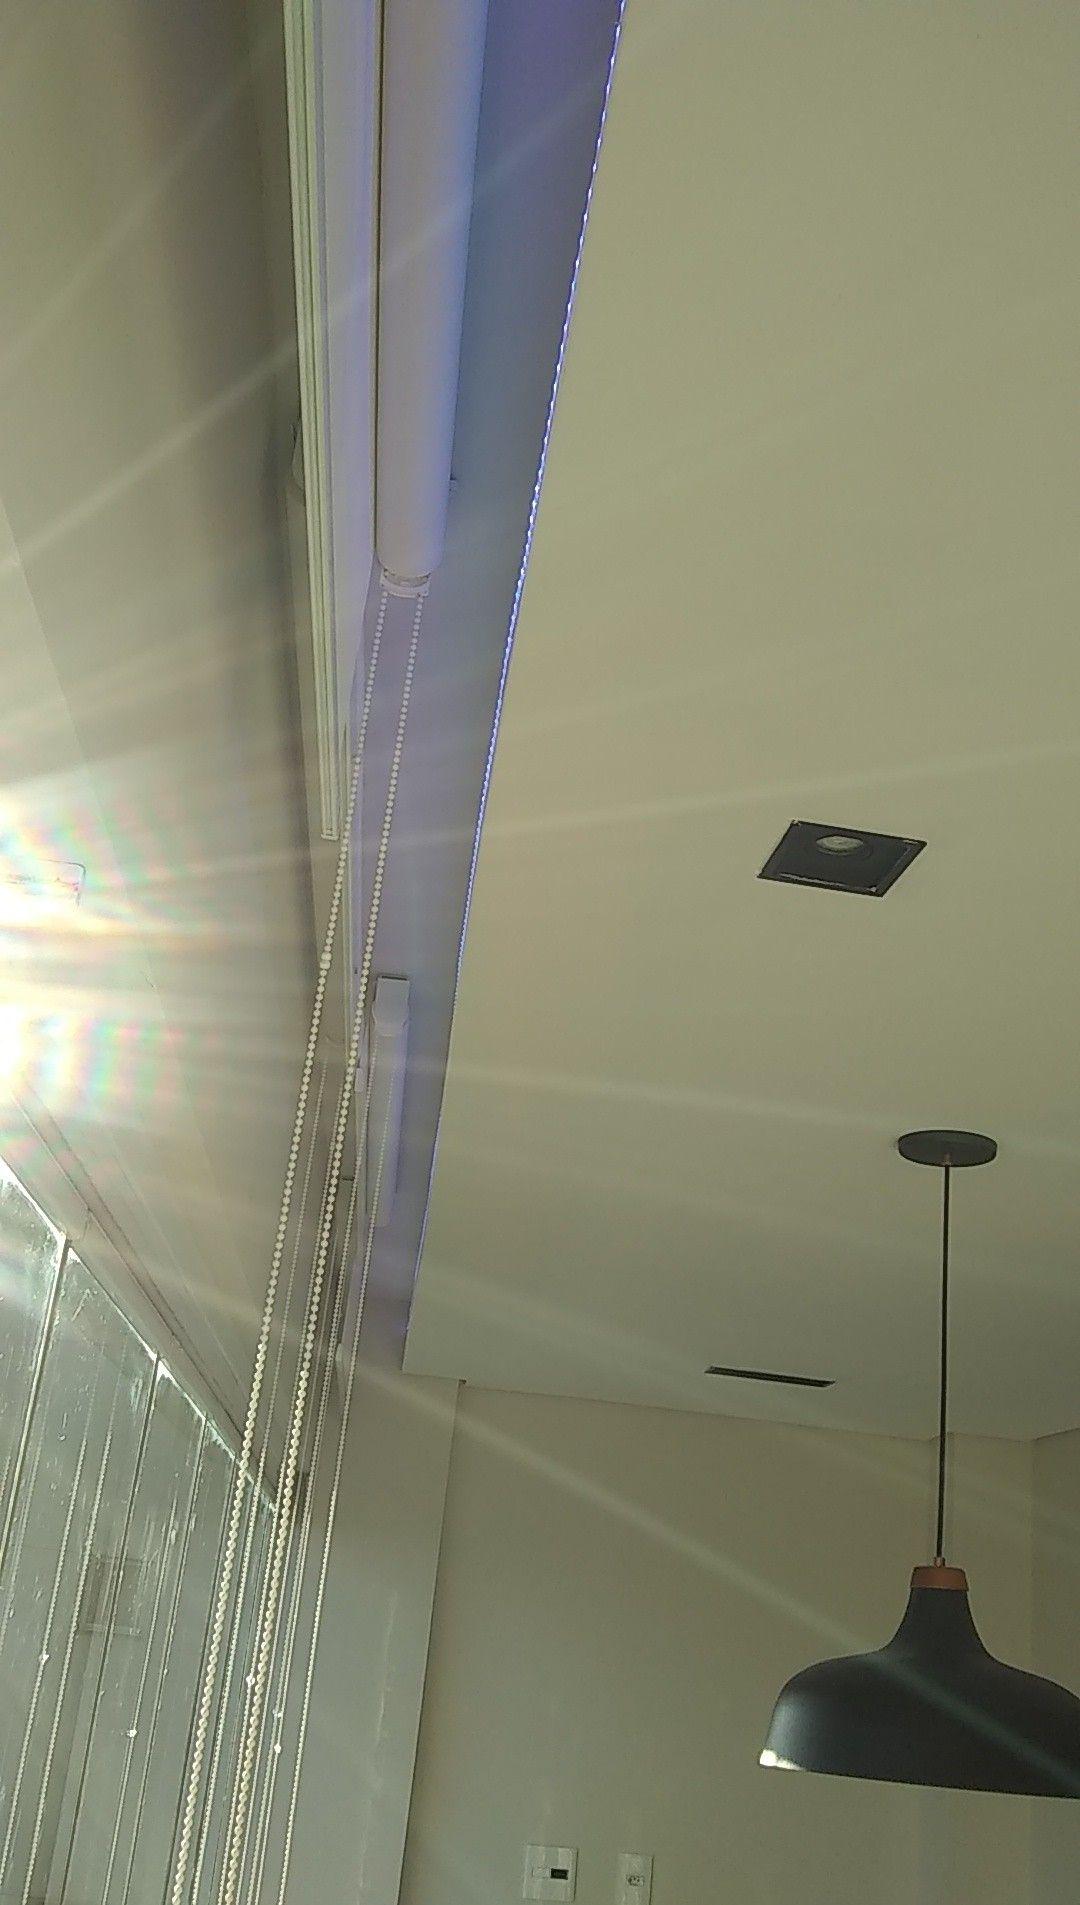 pintura e instalação de curtinas e iluminação